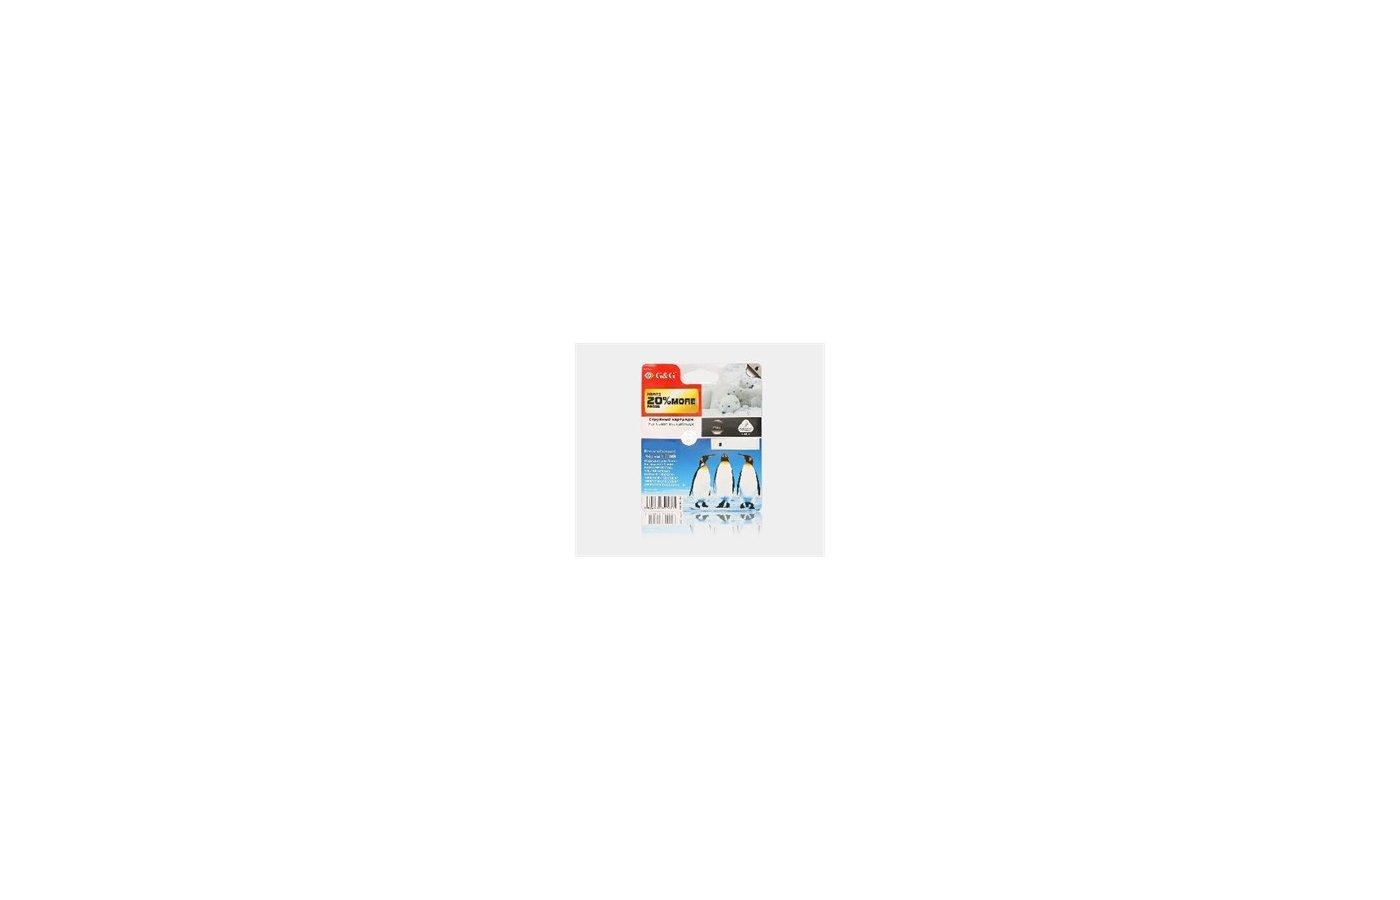 Картридж струйный GG NH-CC654AE Совместимый струйный черный901XL для HP OfficeJet J4580/J4680/J4500/J4640/J4660